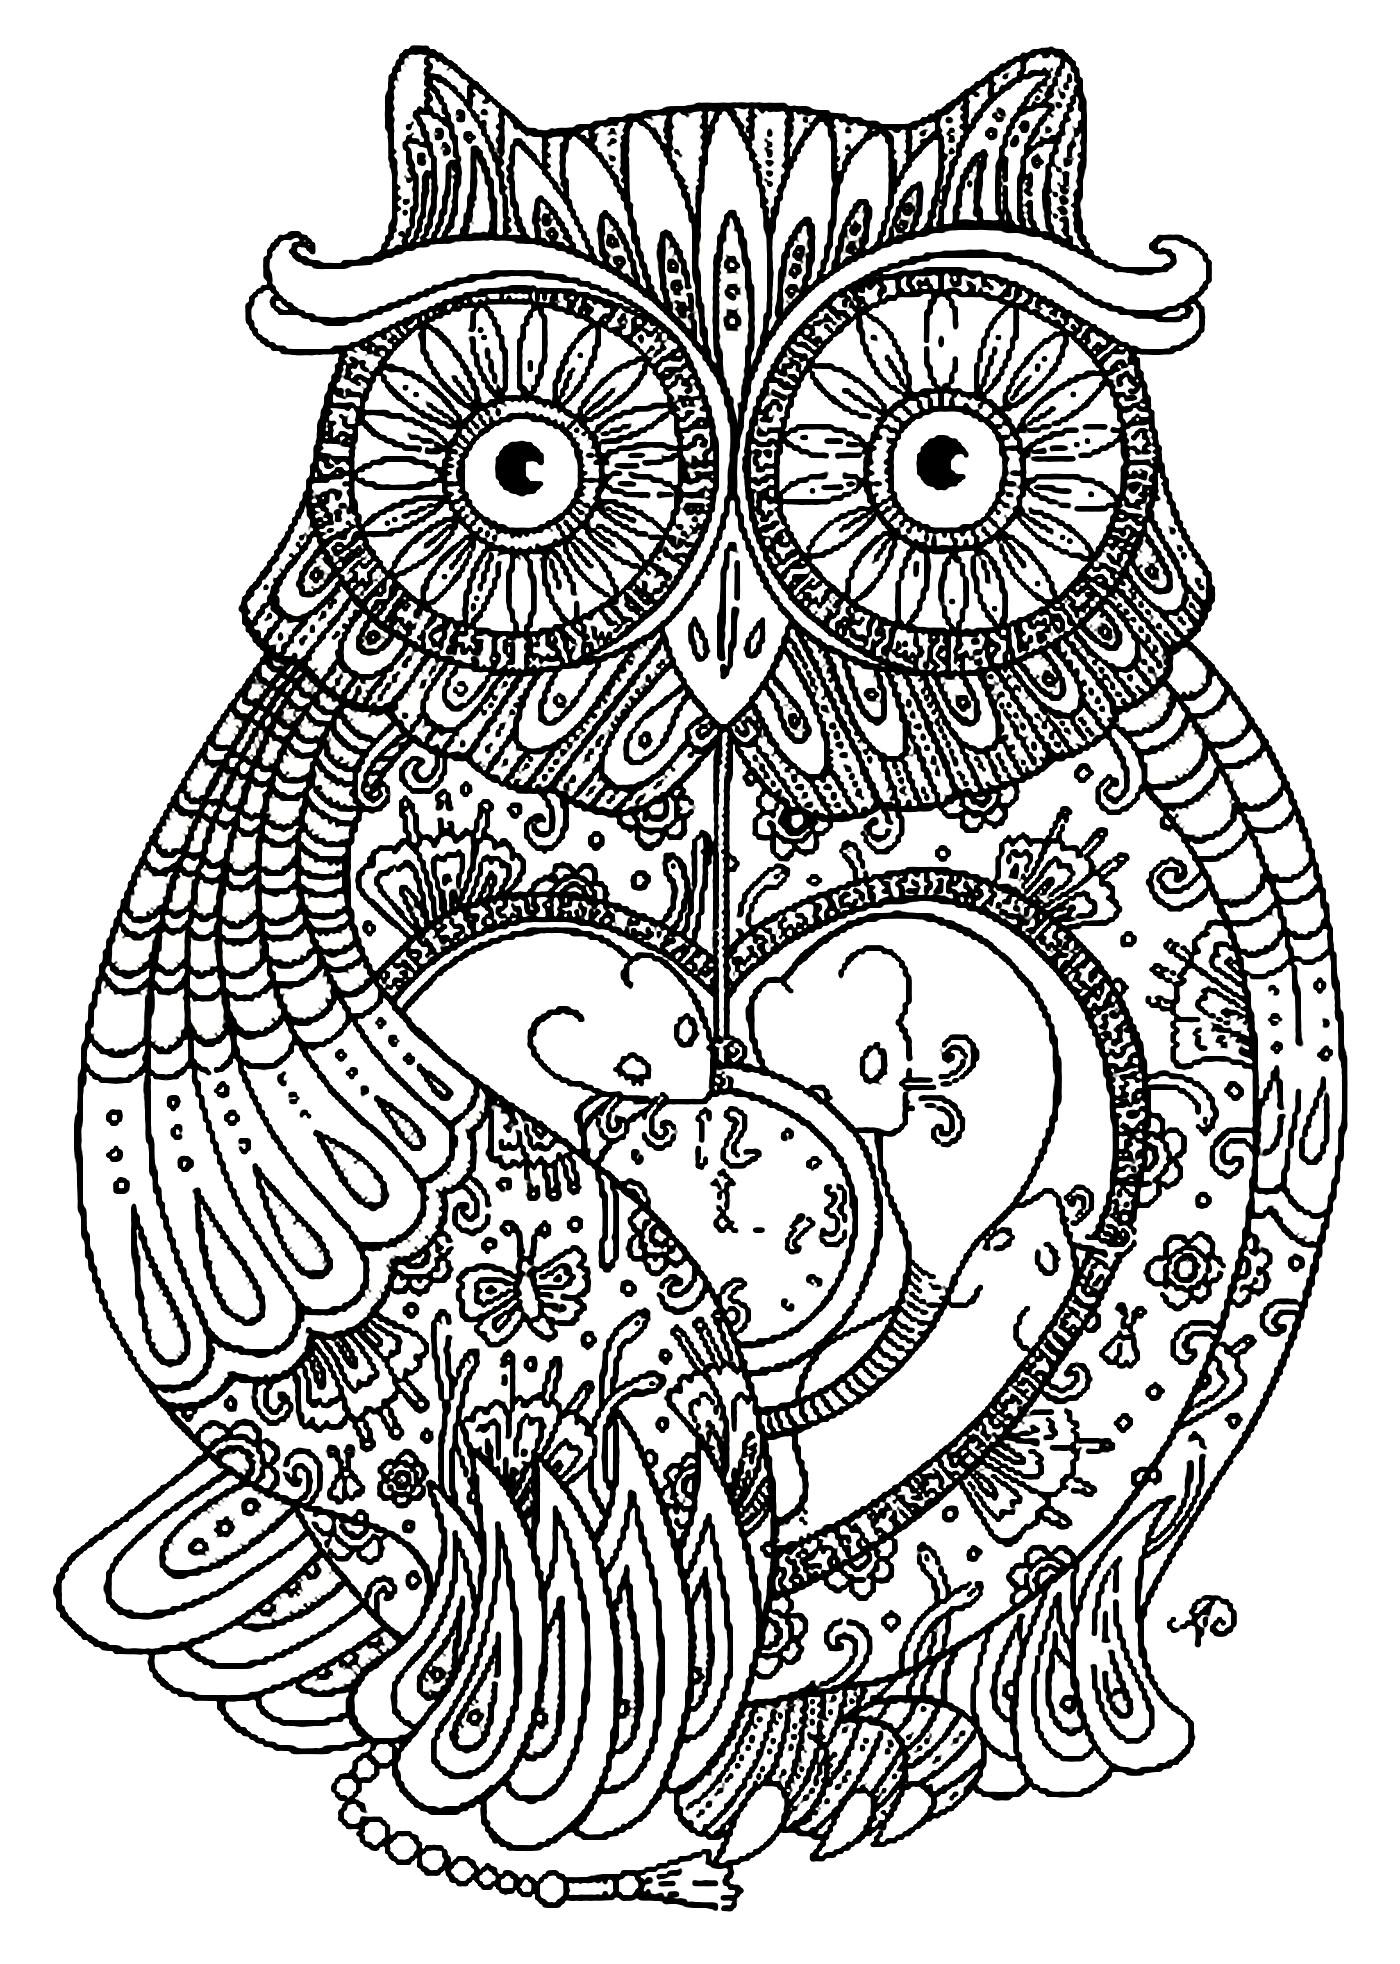 Pretty Owl full of details